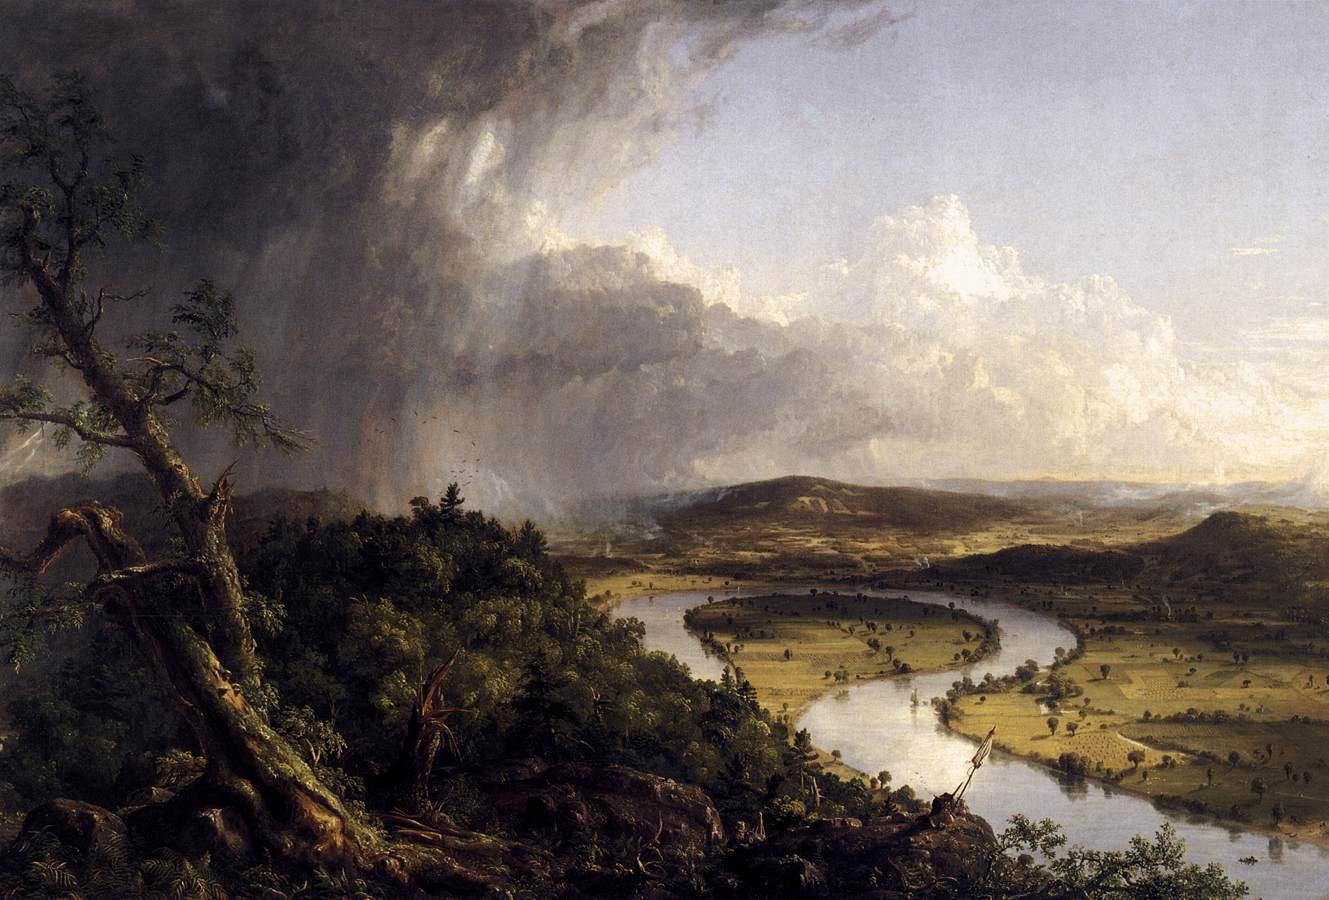 Thomas Cole, Le méandre 1836. Le peintre et son chevalet ainsi que son bagage posé sur un rocher apparaissent au premier plan.